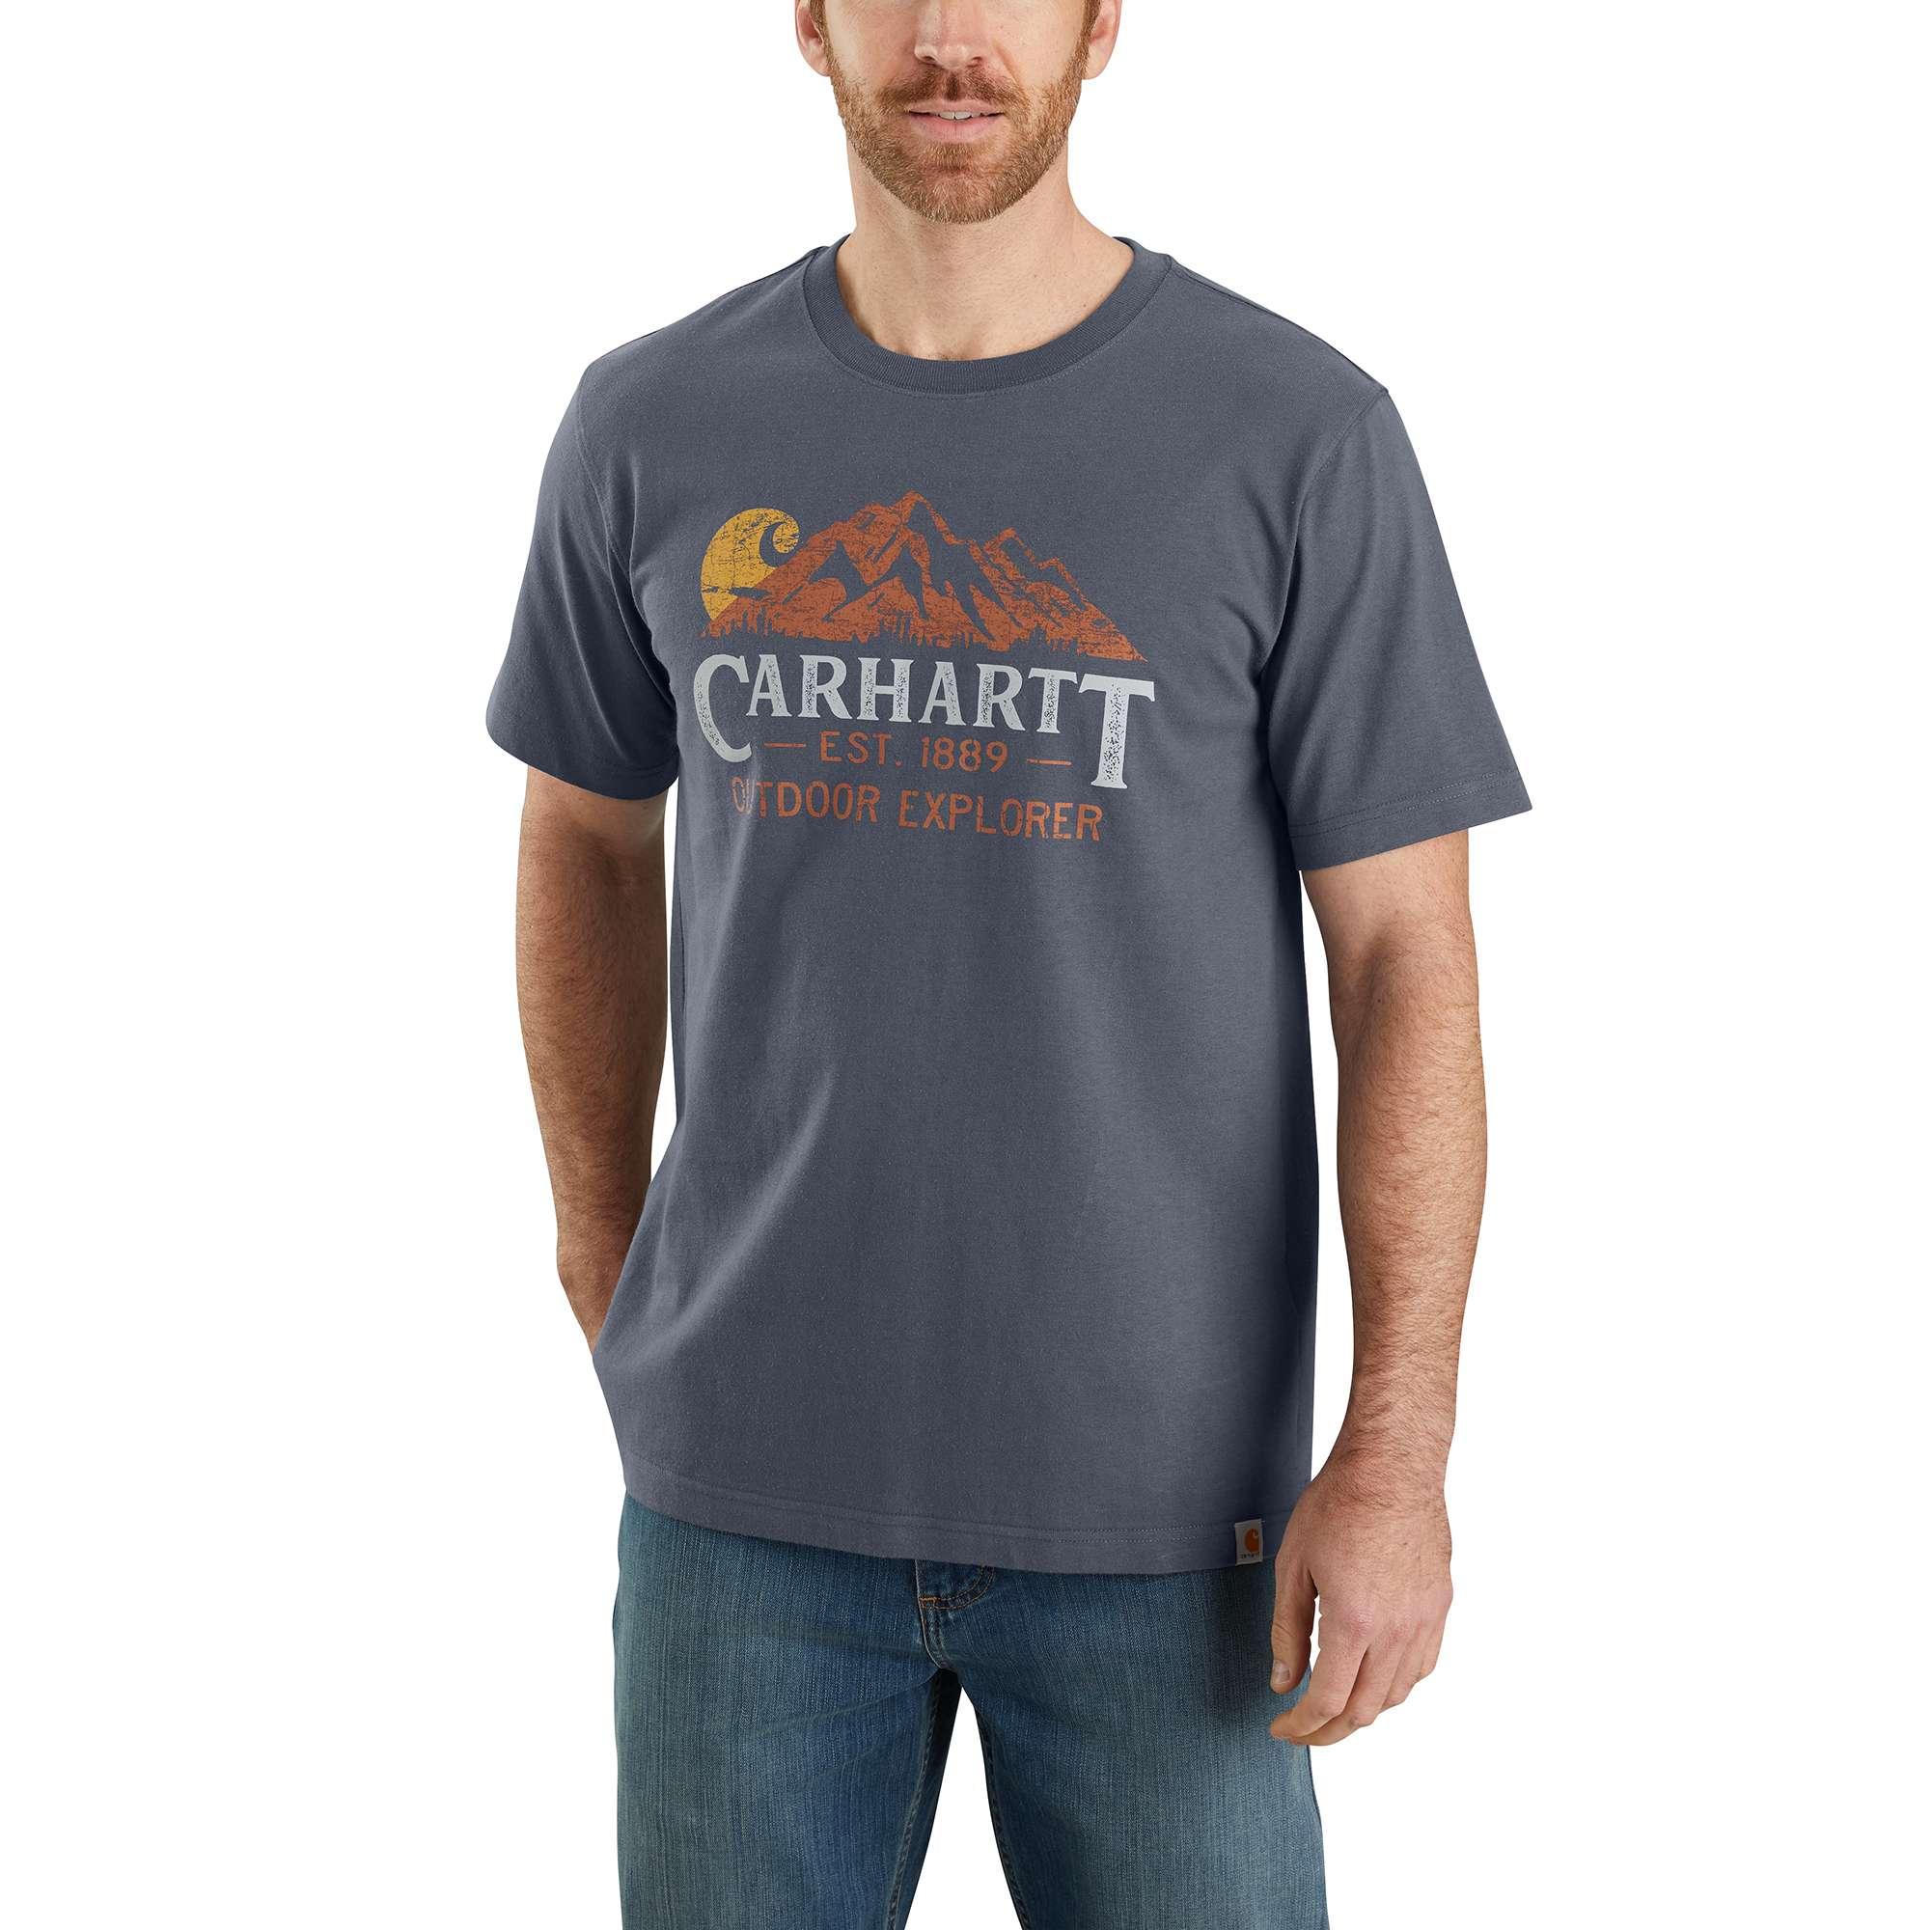 Carhartt Relaxed Fit Heavyweight Short-Sleeve Outdoor Explorer Graphic T-Shirt